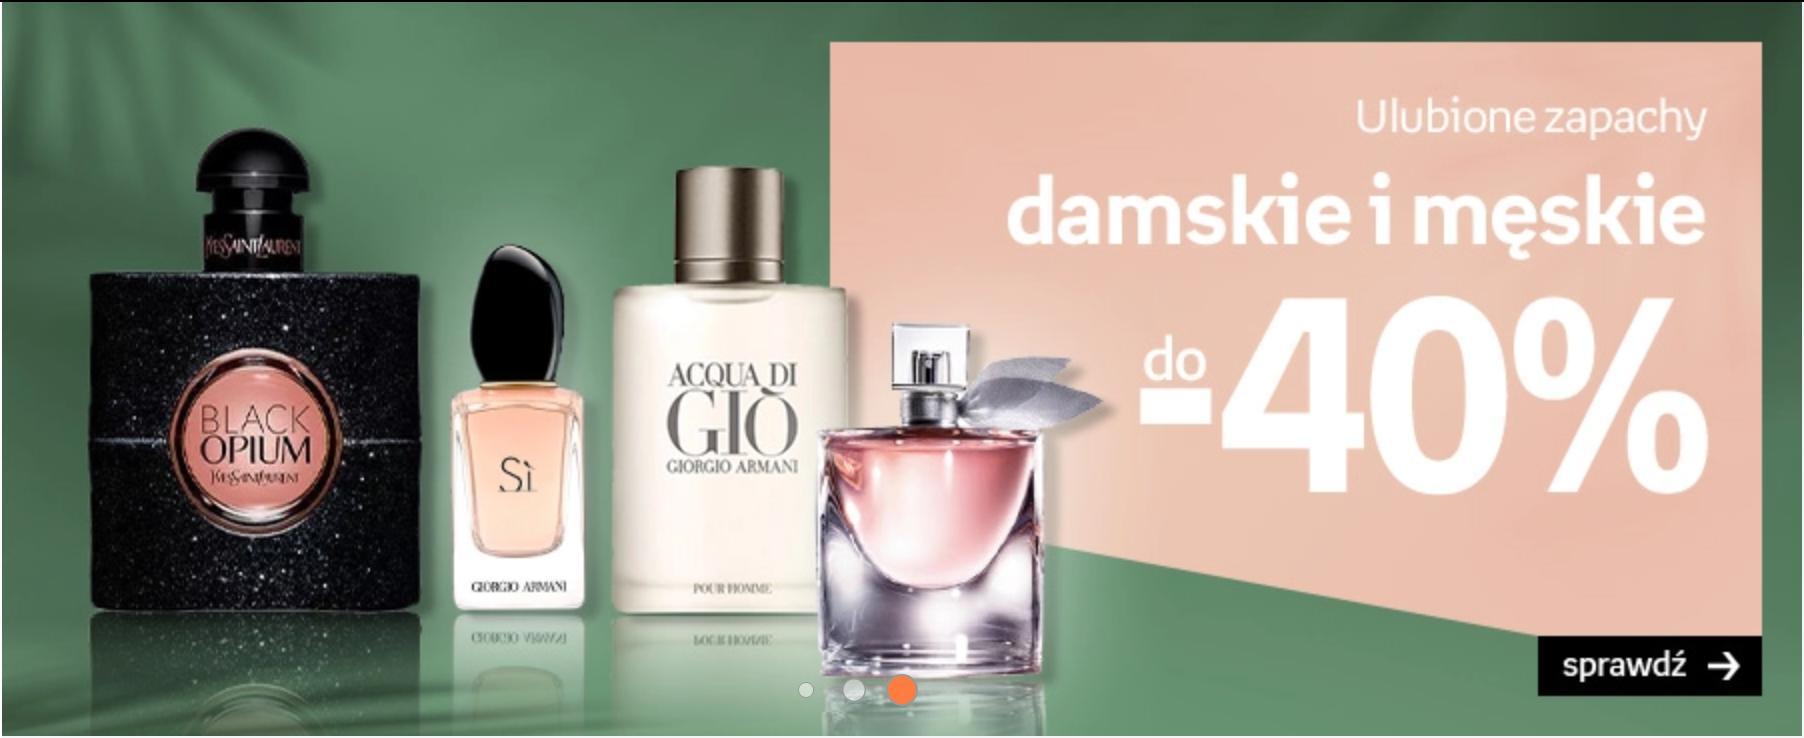 Empik: do 40% zniżki na ulubione zapachy damskie i męskie